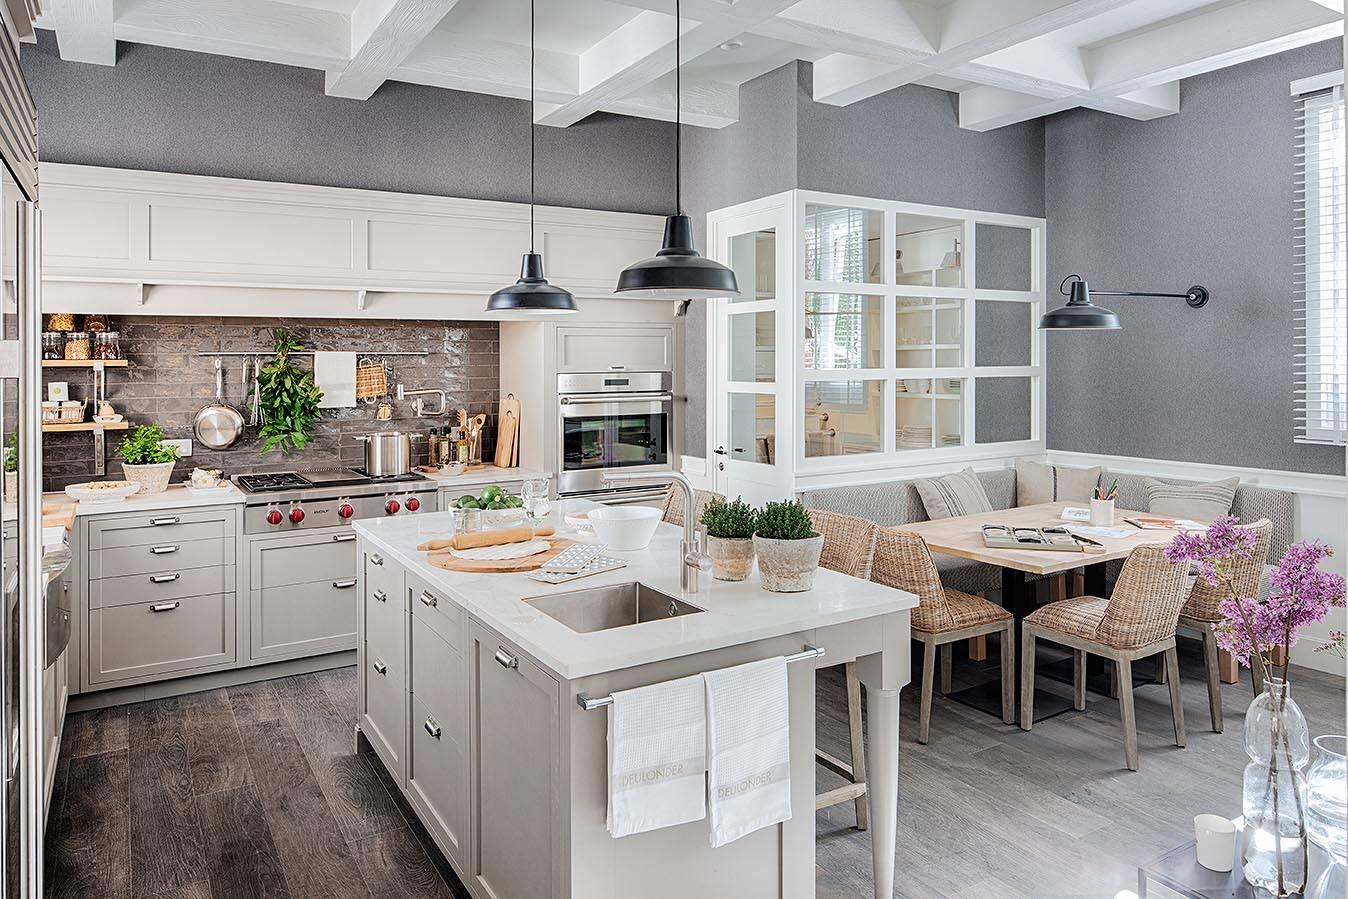 3387 fotos de cocinas - Fotos de cocina comedor ...